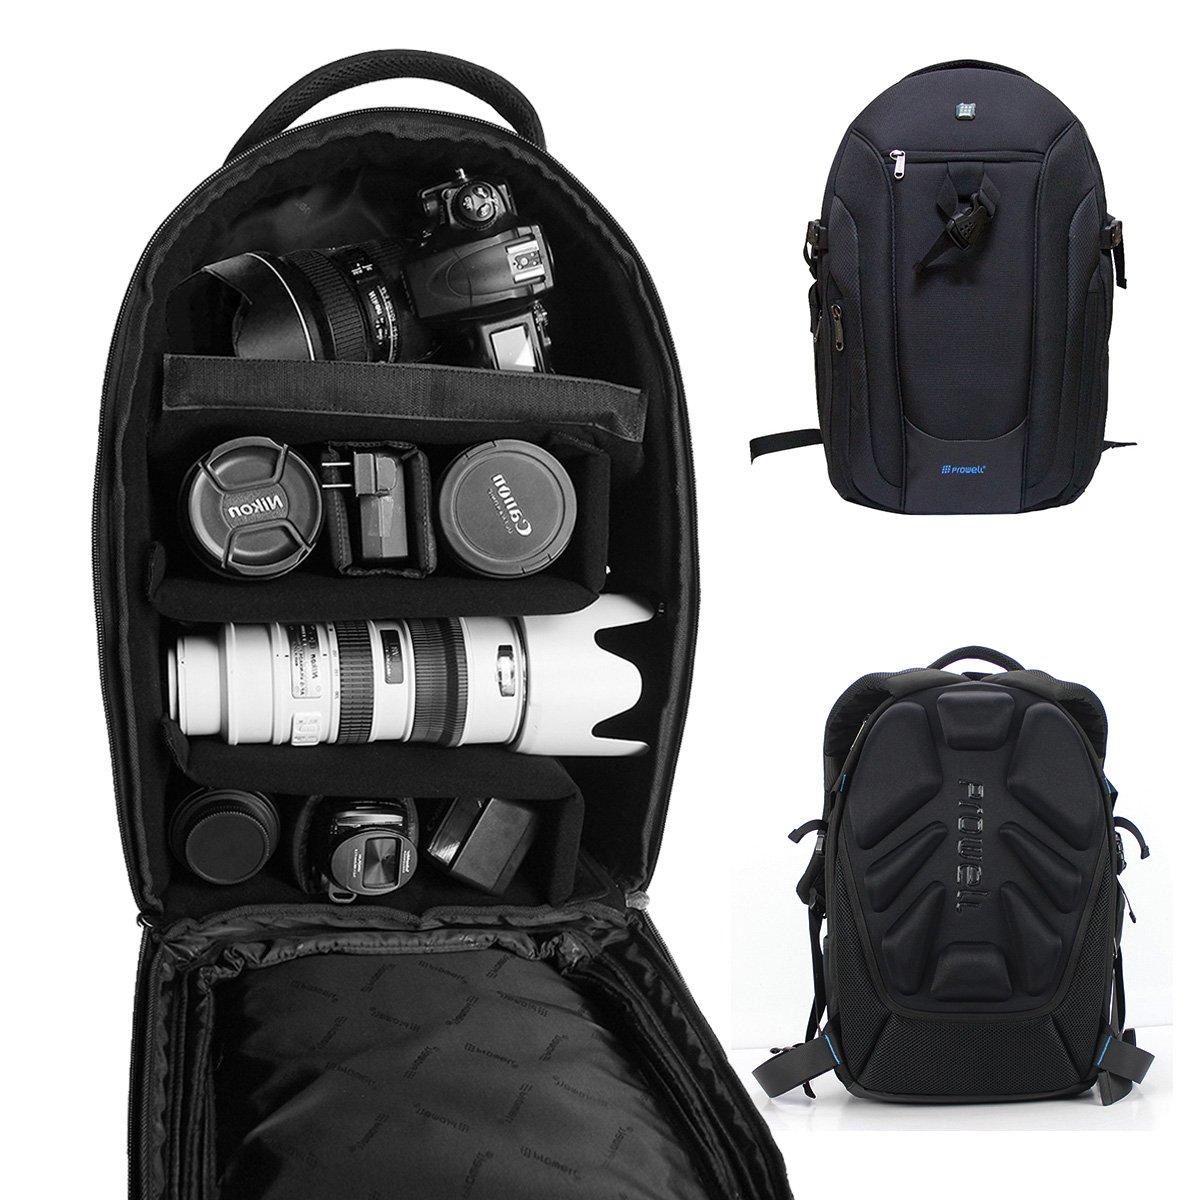 DSLRカメラバックパックガジェットバッグwithディバイダー、Prowell防水旅行アウトドアバックパックforカメラ、レンズ、17